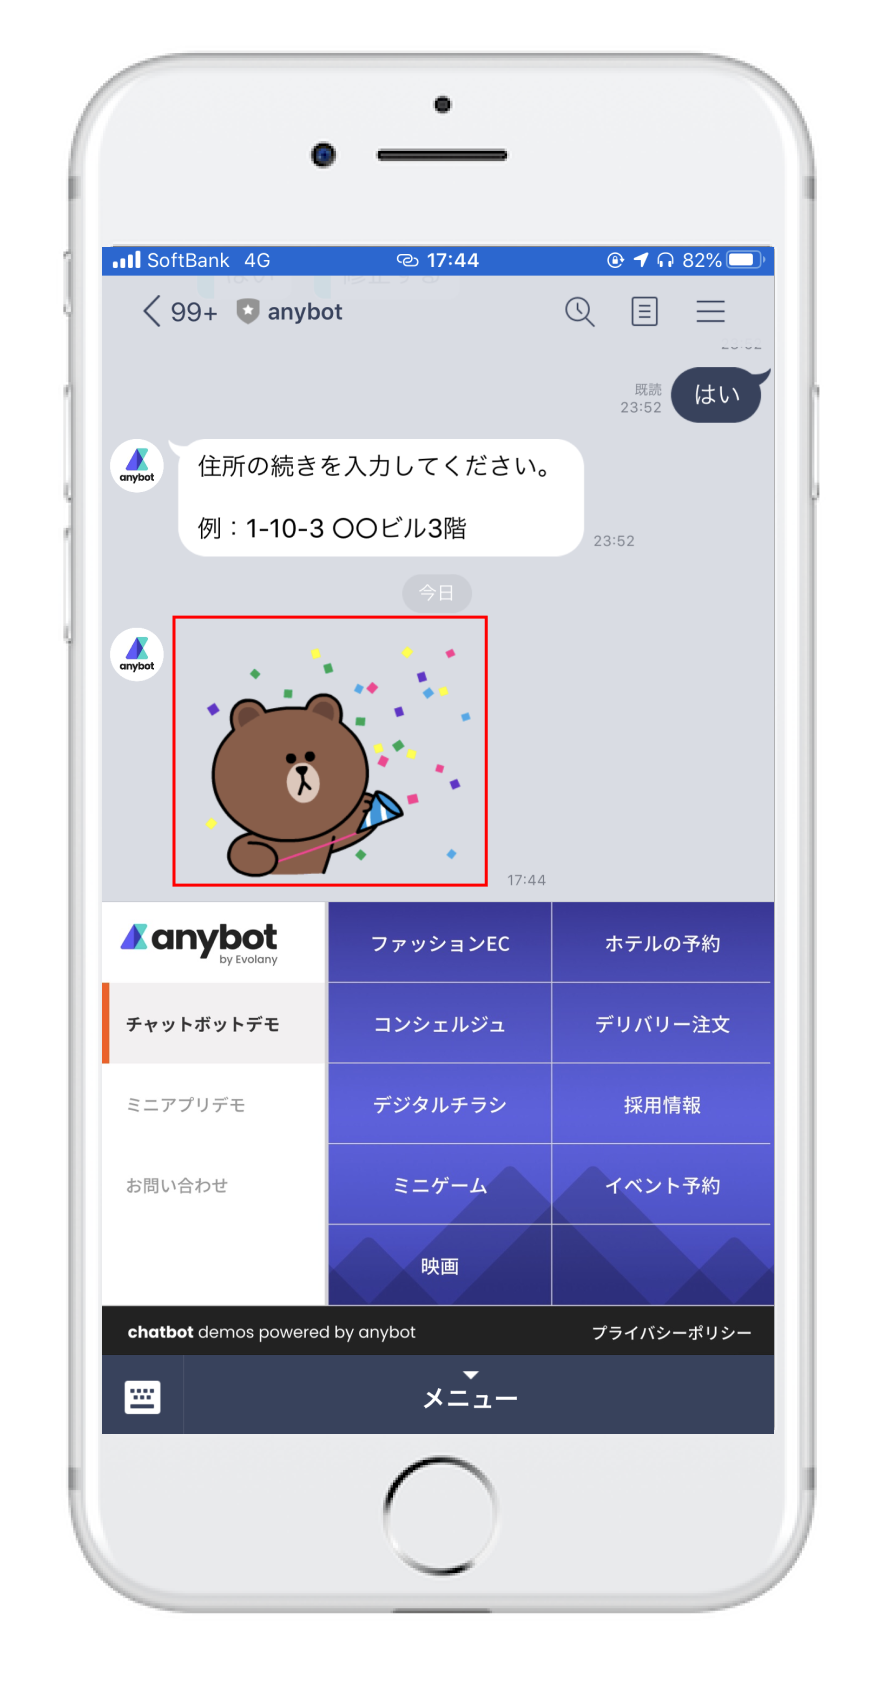 anybotでLINEスタンプを送信